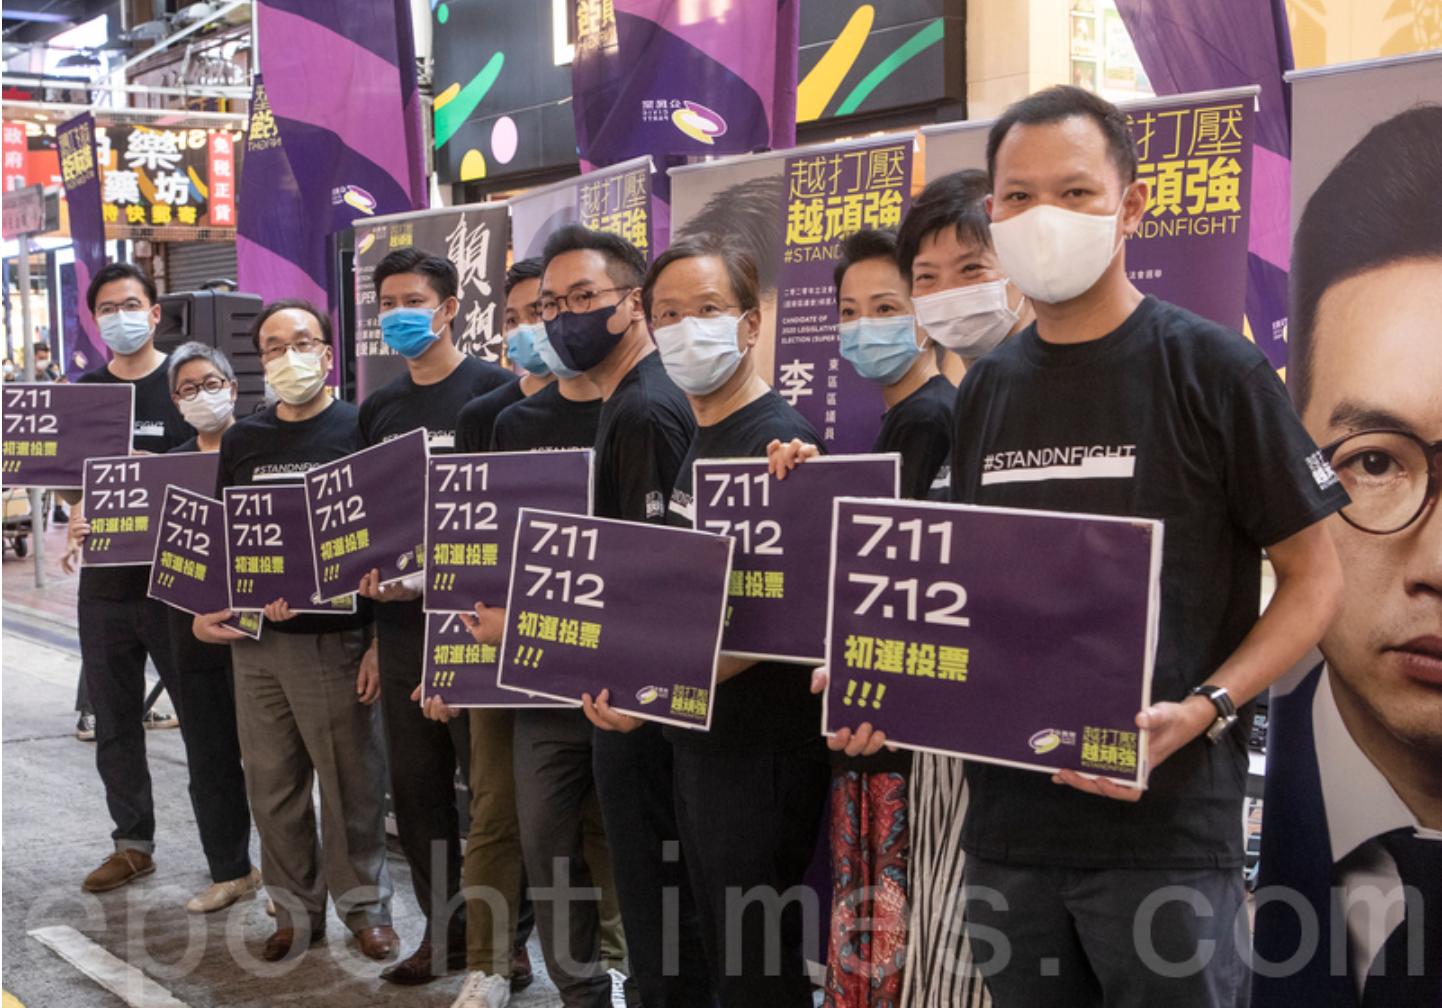 今日(7月9日),公民黨立法會選舉候選人一同在銅鑼灣舉行催票活動,香港資深大律師、前公民黨黨魁及主席余若薇表示,越多人投票對自身的保障越大。(余剛/大紀元)